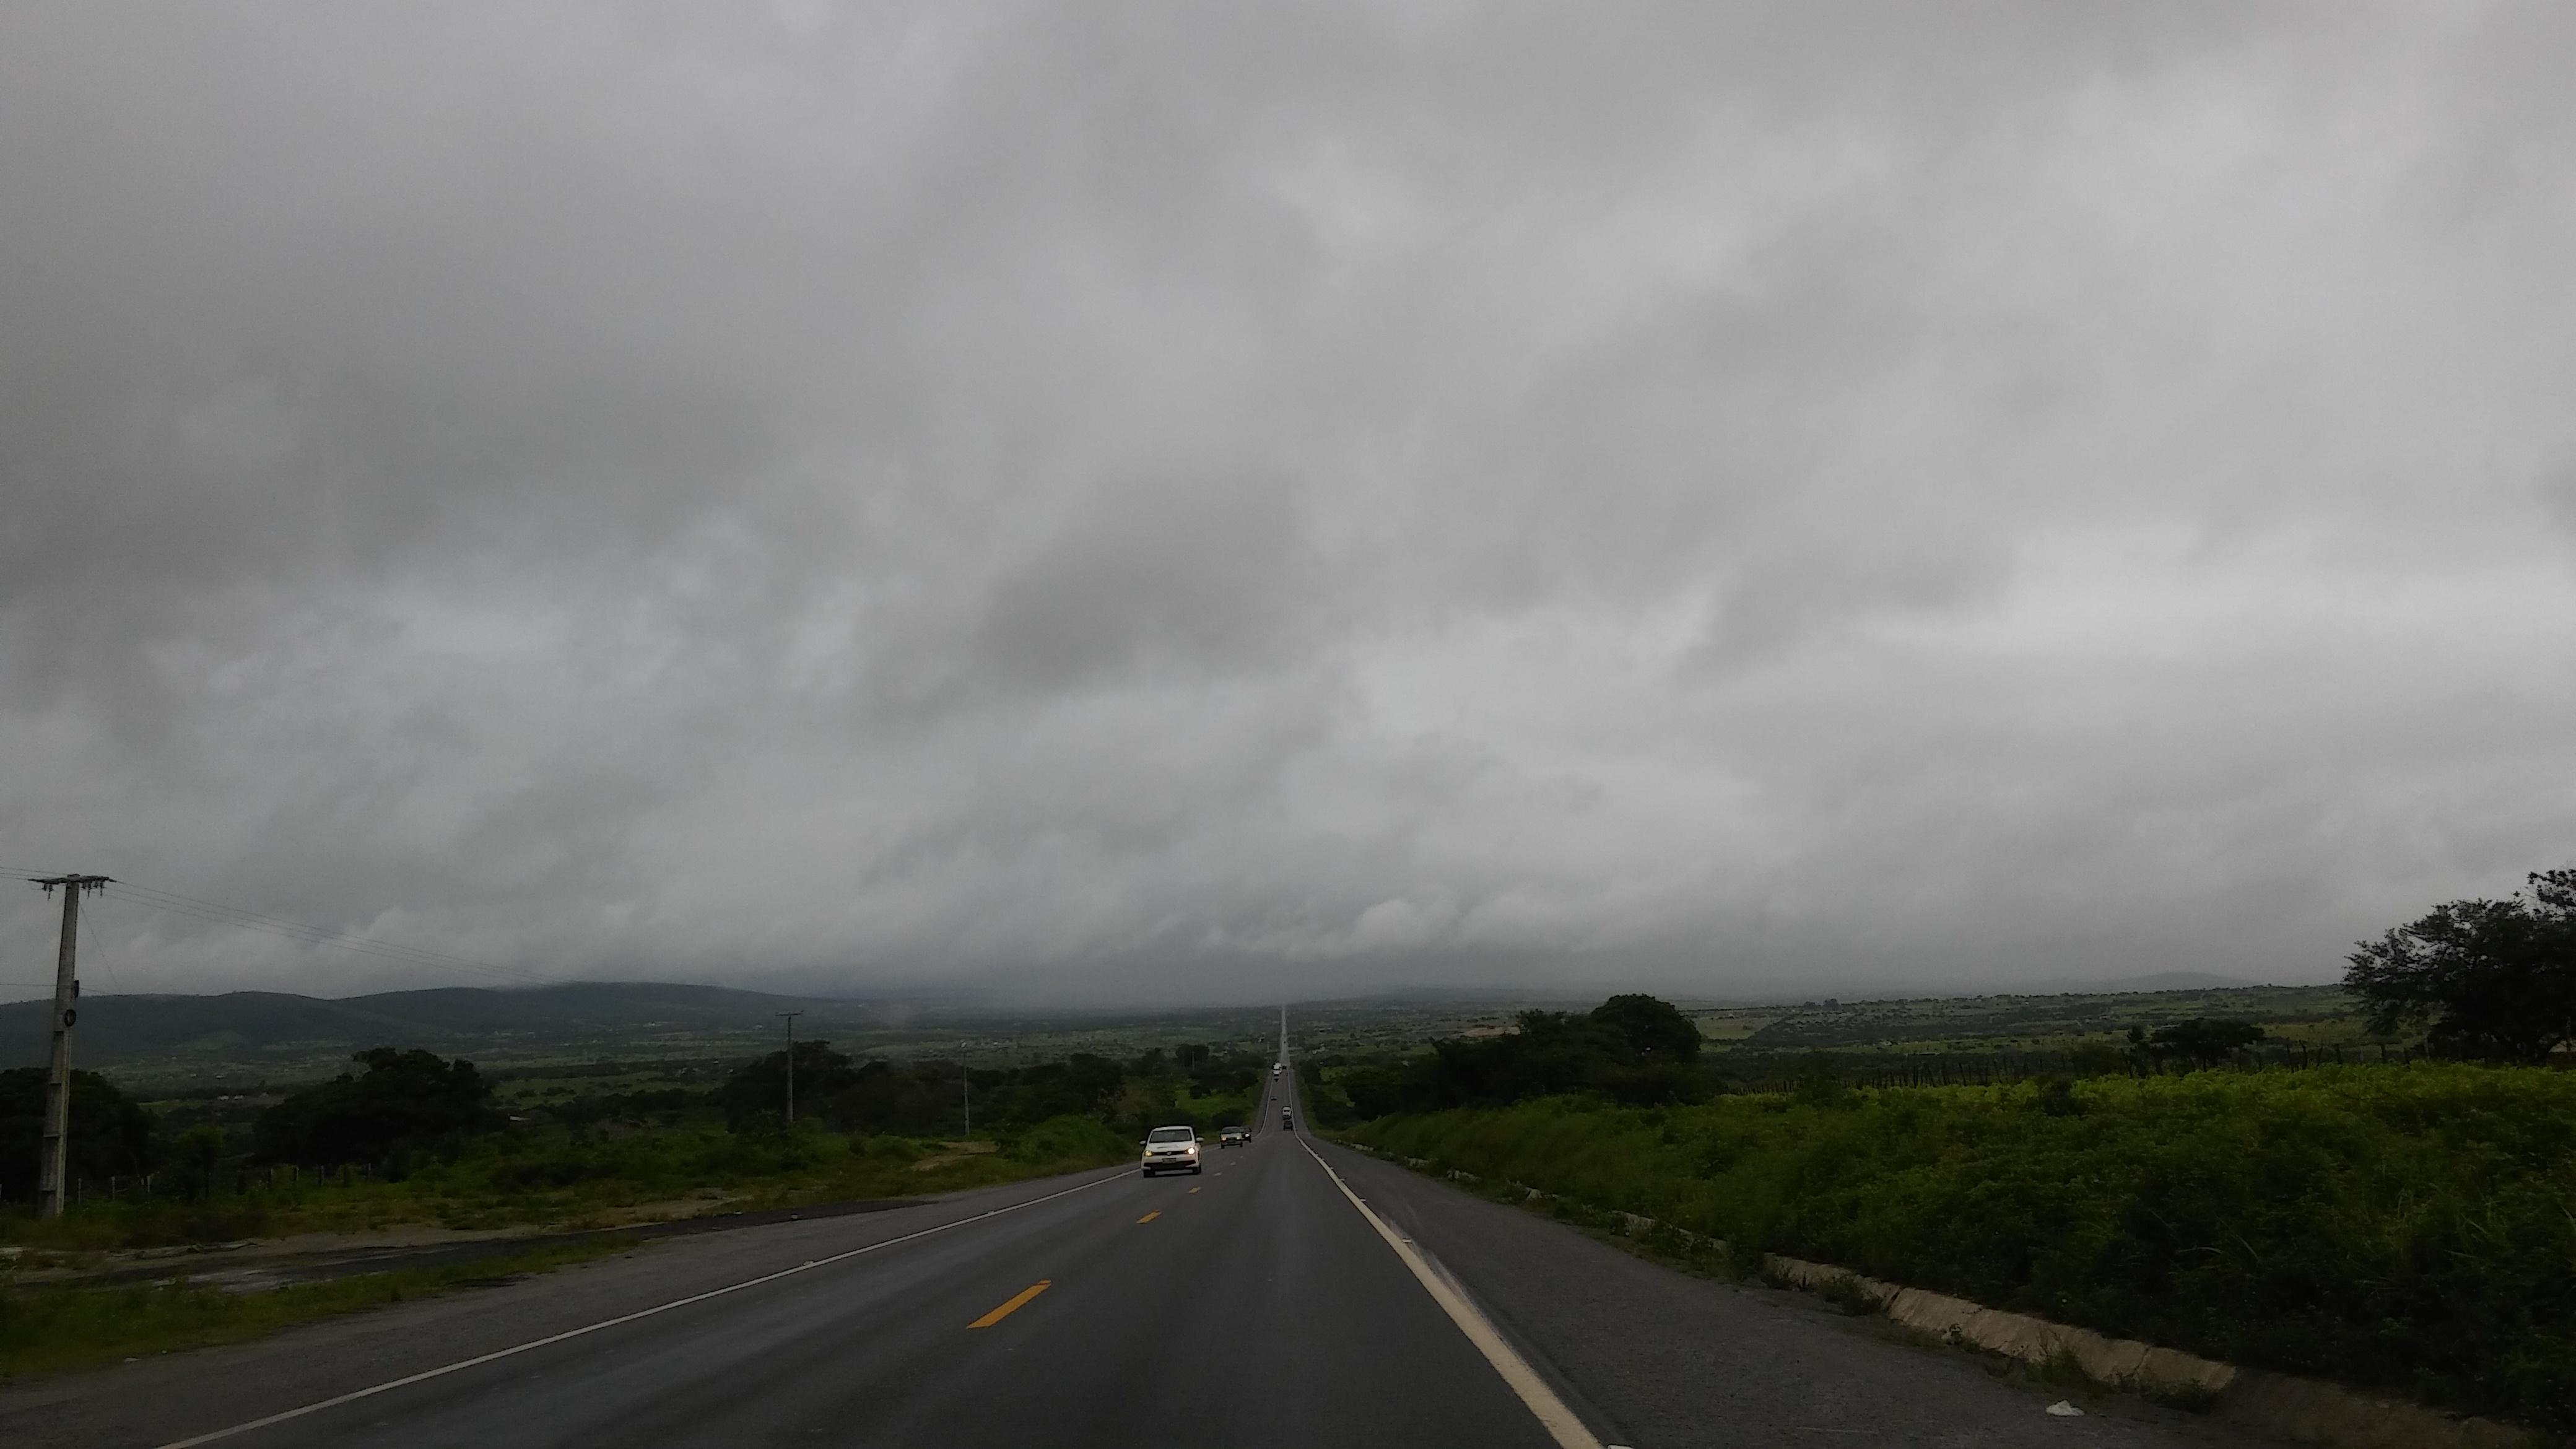 estrada-gravata-bahia-ilheus-roadtrip